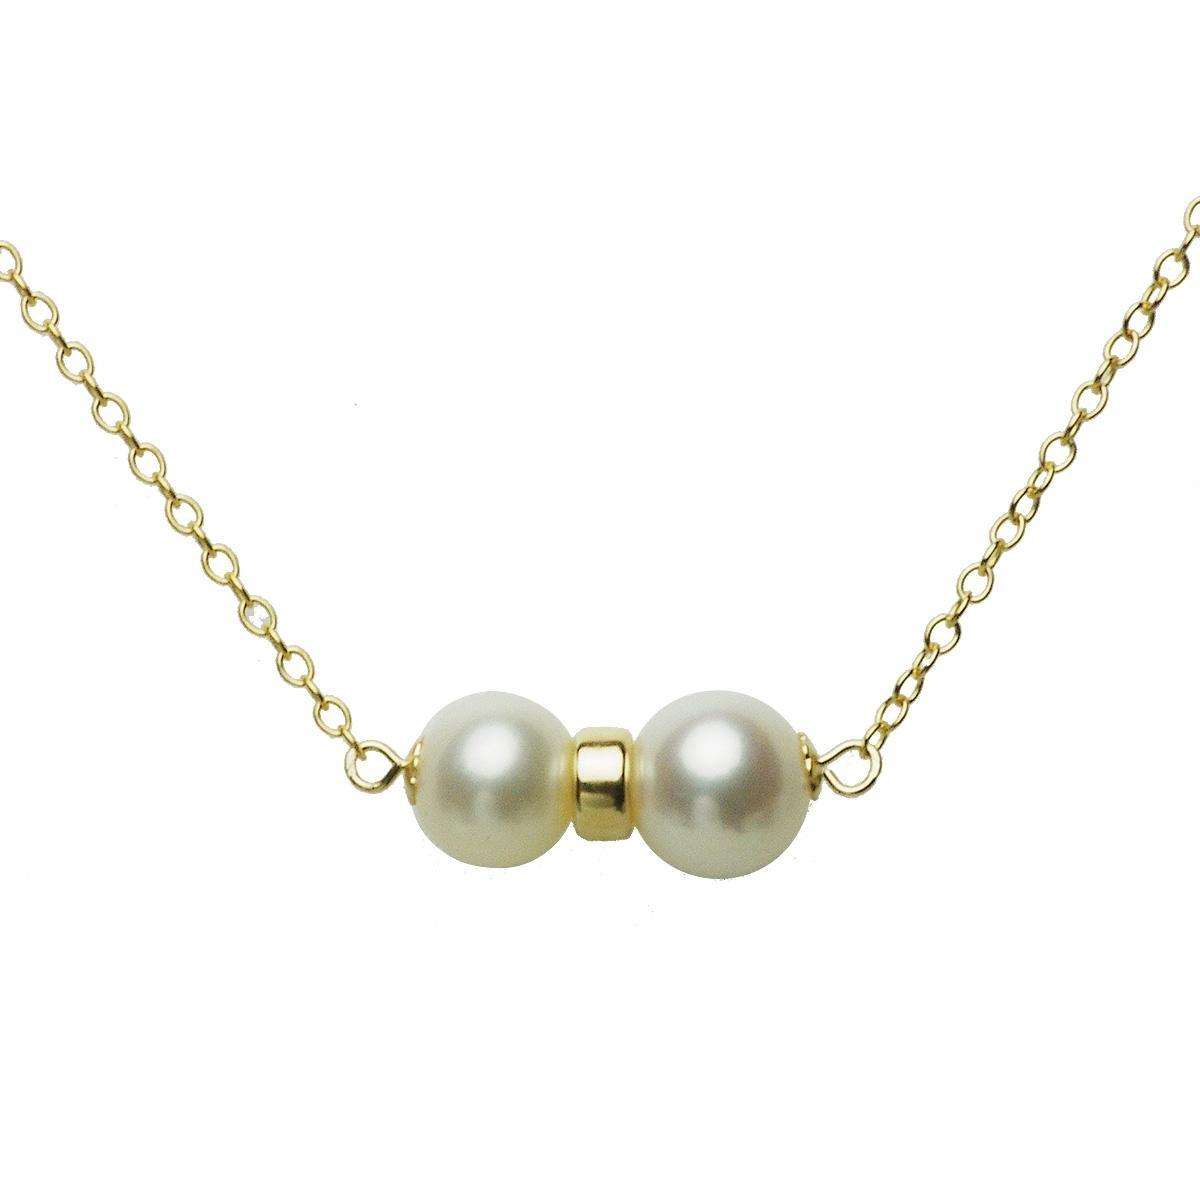 淡水 真珠 パール オリジナル コンビ ネックレス 7.5 8.5mm 14金 ゴールドフィールド K14GF ギフト プレゼントの写真